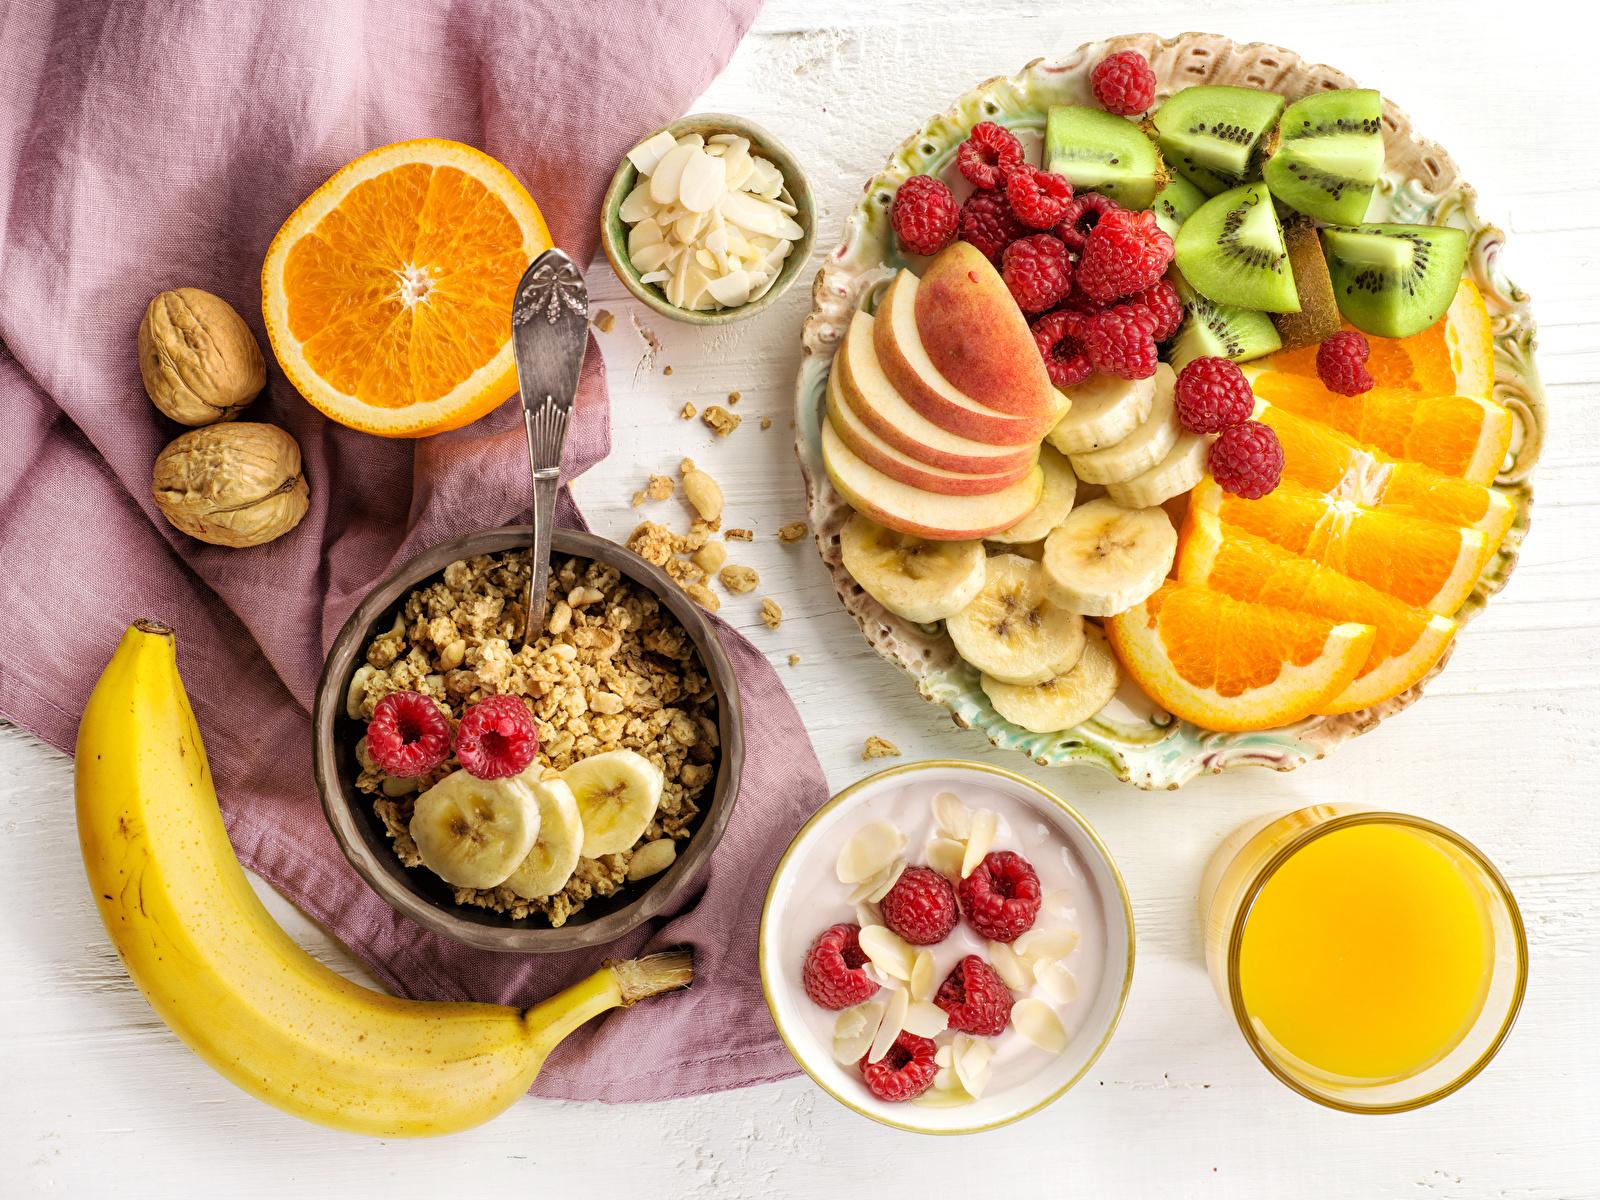 Картинка Сок Завтрак Апельсин Малина Бананы стакане Еда Мюсли Фрукты Орехи 1600x1200 Стакан стакана Пища Продукты питания